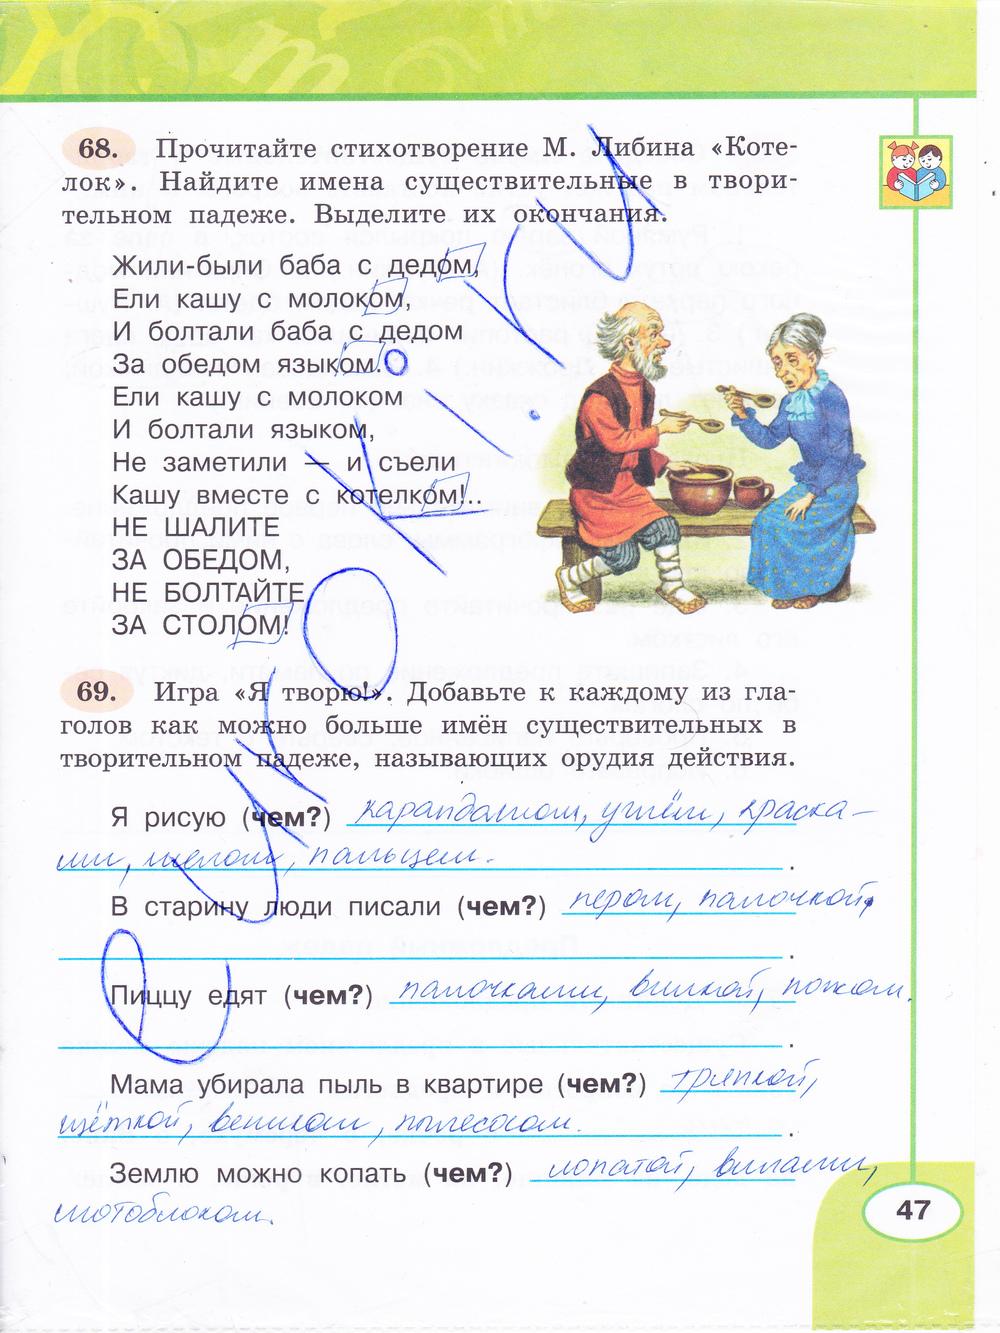 гдз по русскому языку 3 класс бабушкина рабочая тетрадь